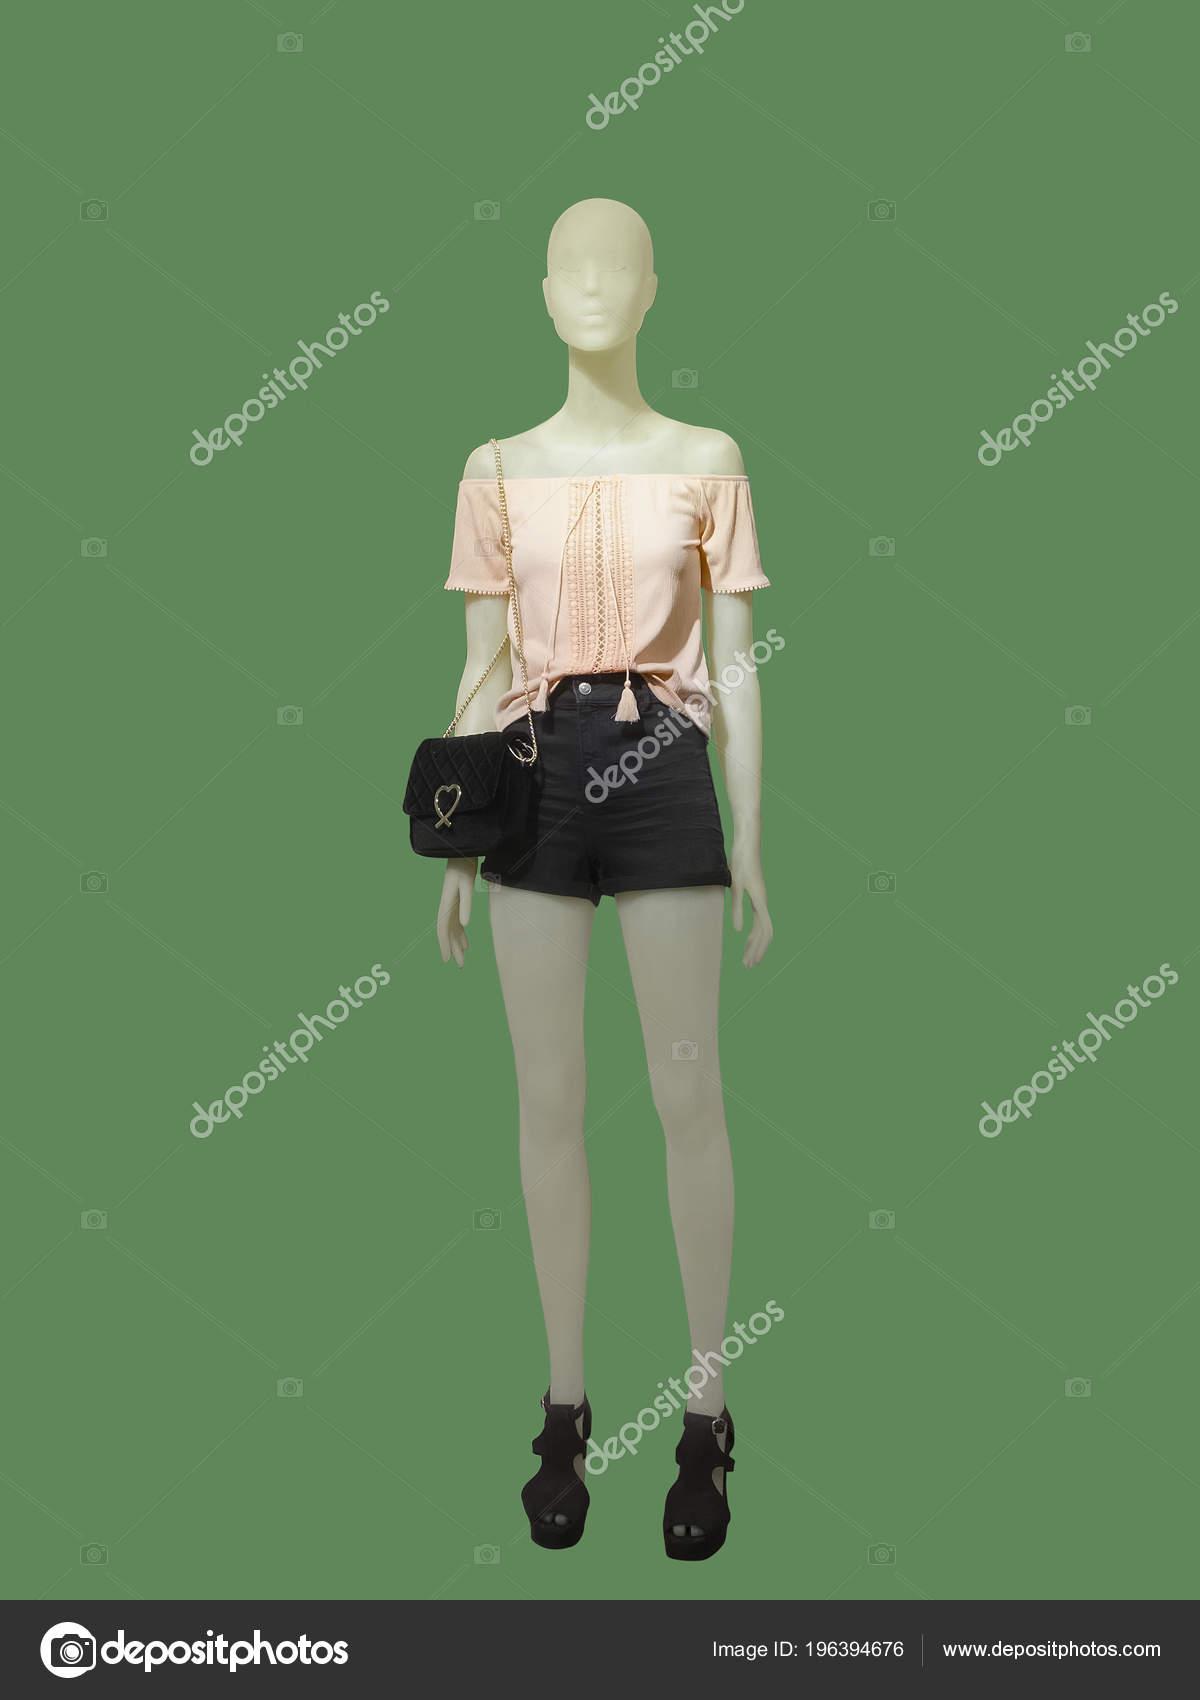 63a0db5b0c9af3 Mannequin Femme Pleine Longueur Habillé Short Noir Chemisier Rose ...